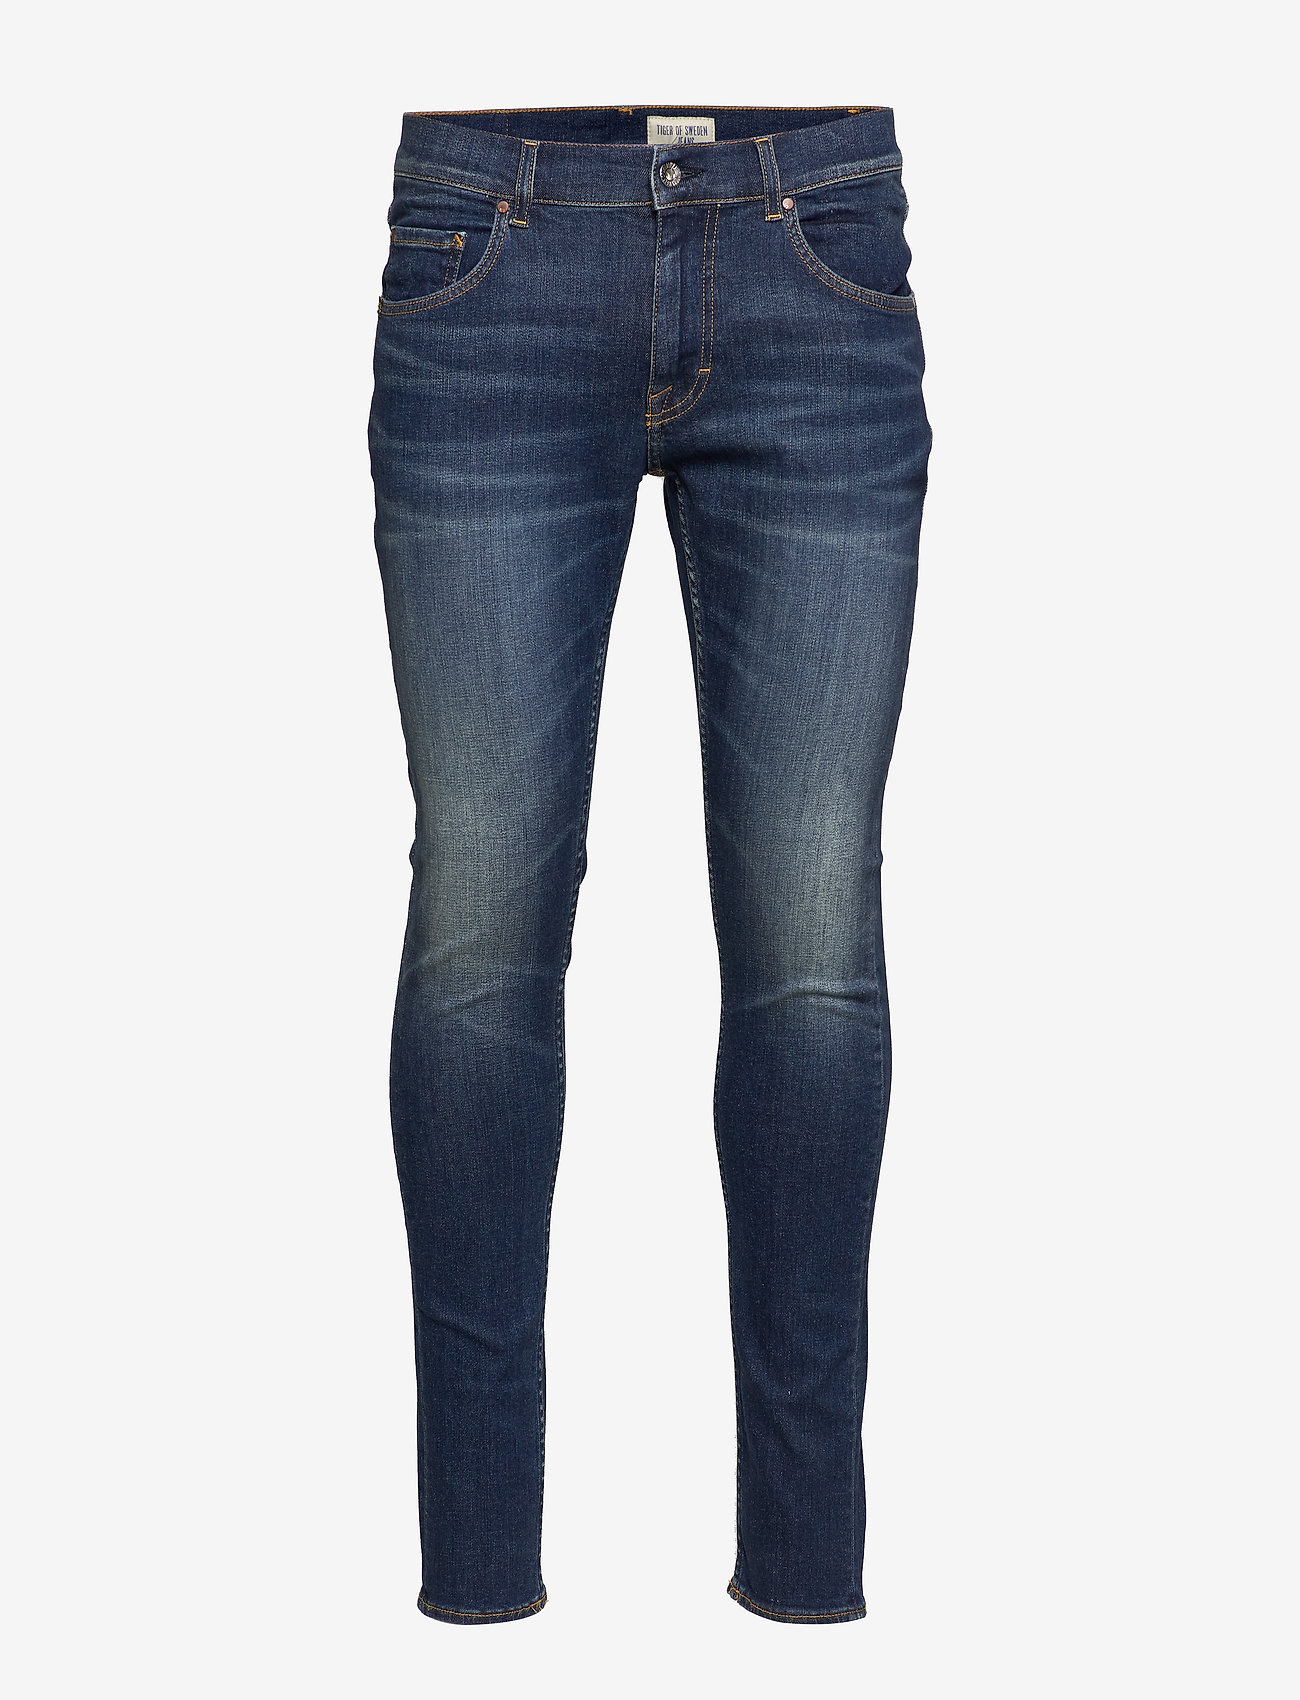 Tiger of Sweden Jeans - SLIM - skinny jeans - royal blue - 0